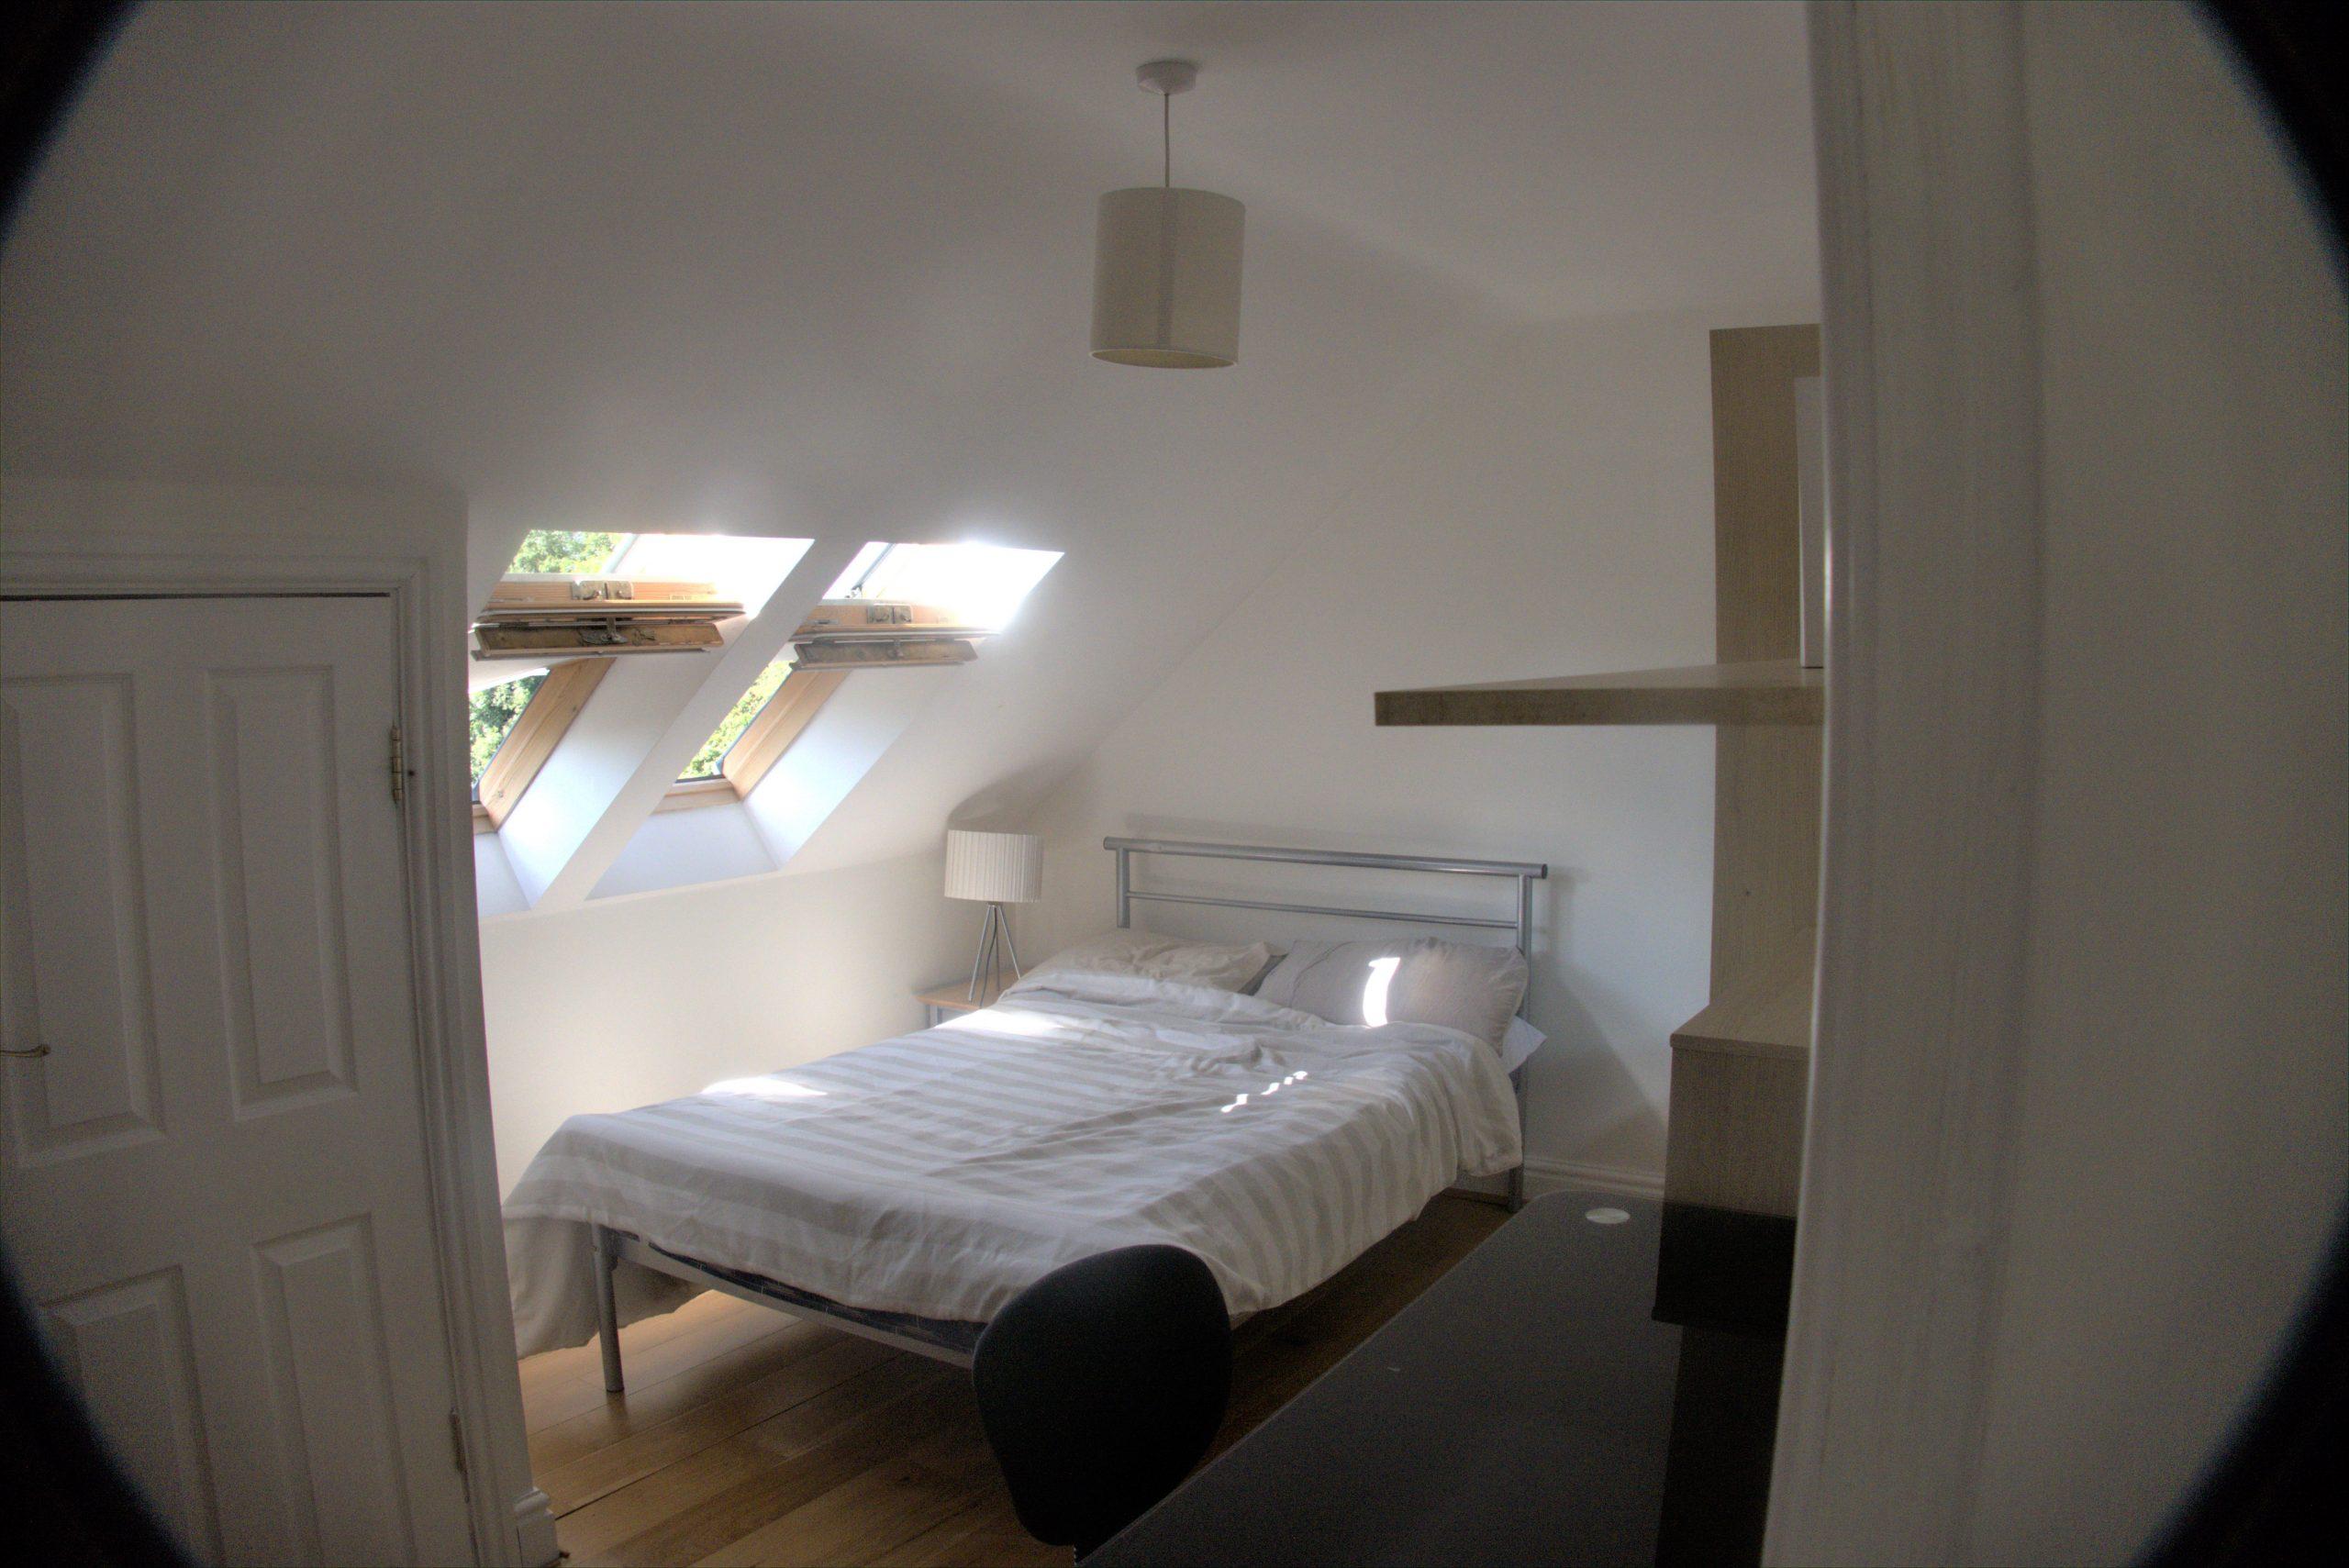 no 4 bed 4.jpg